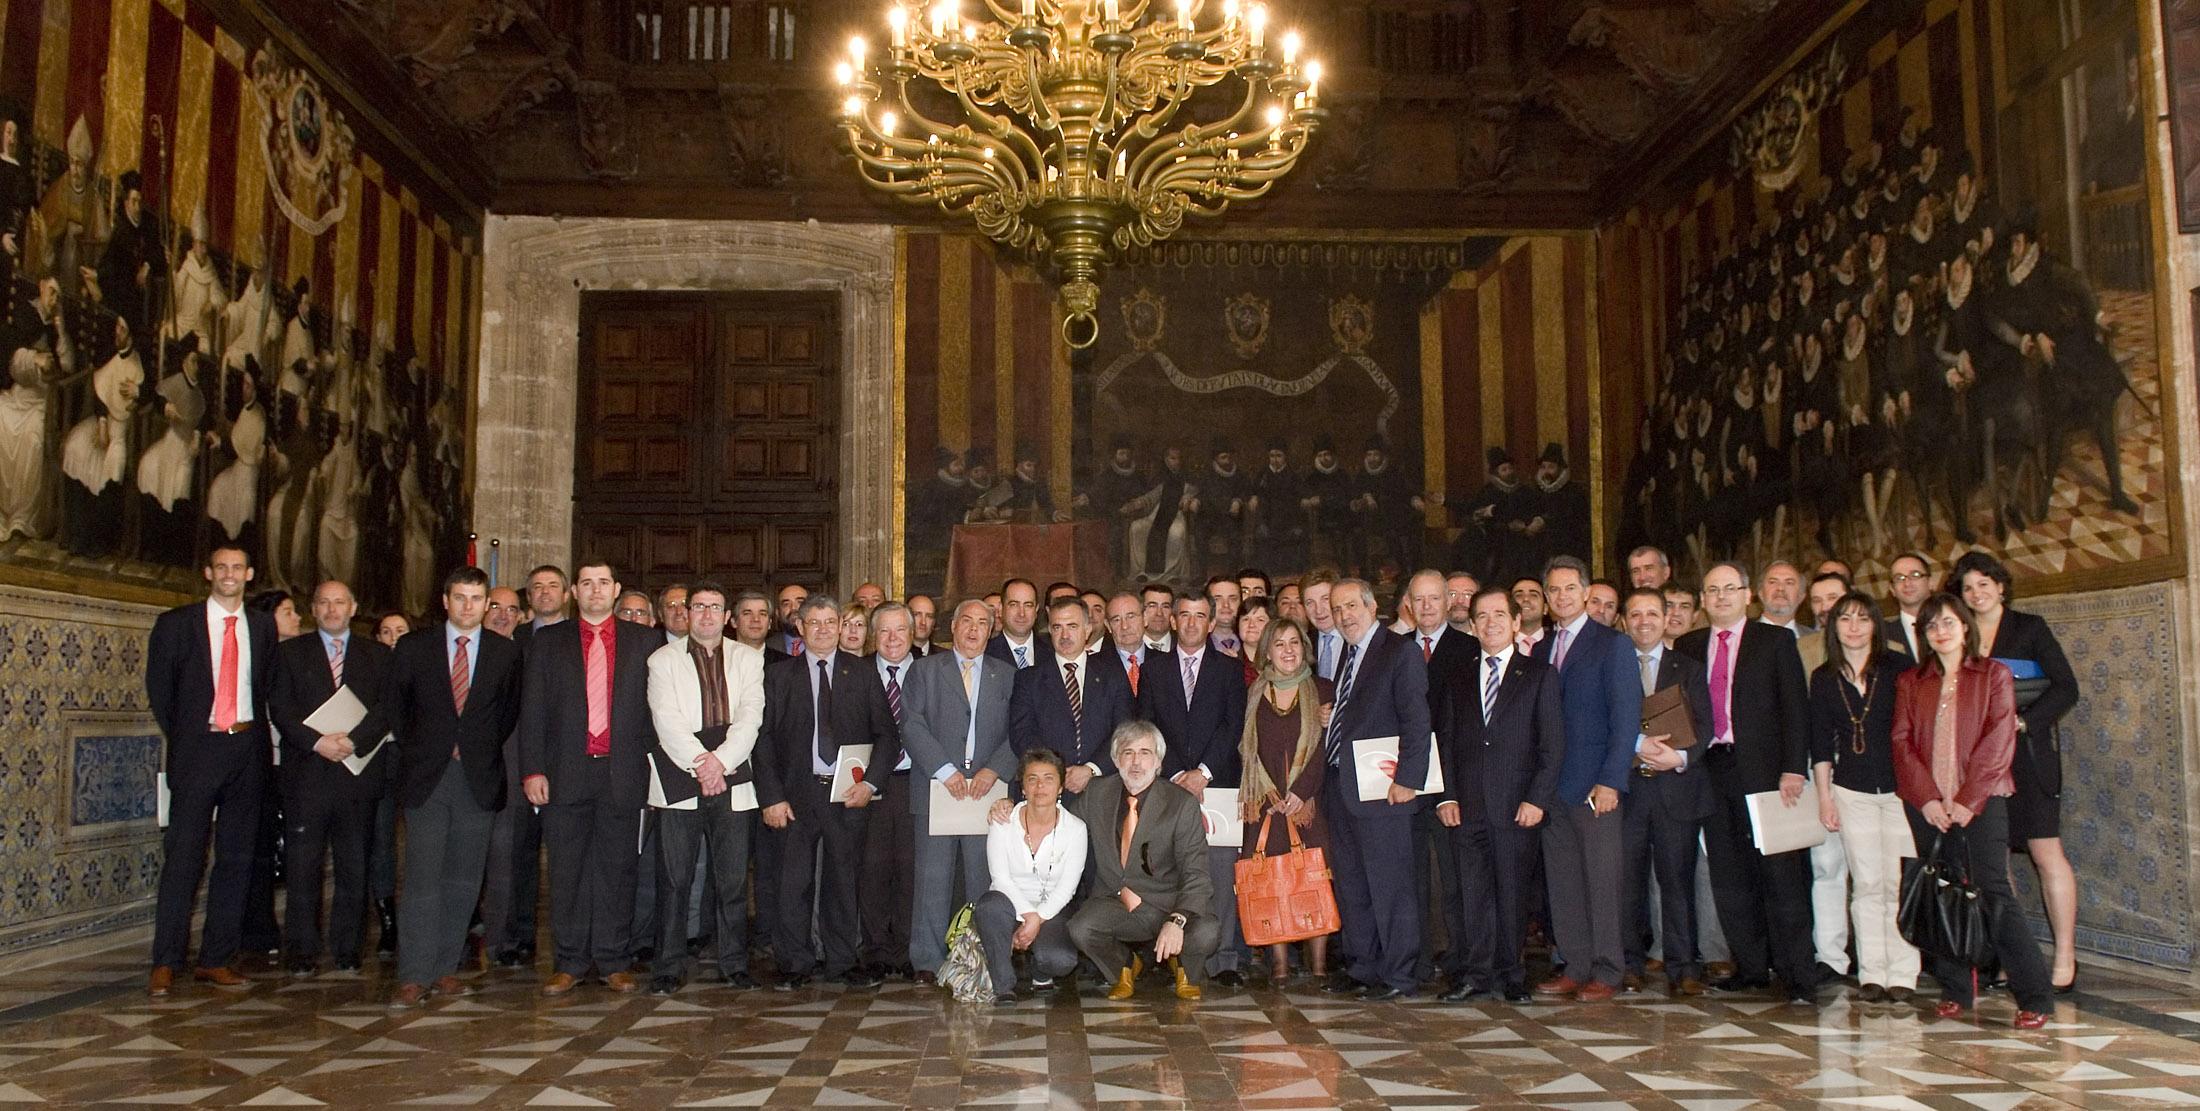 Assemblea de la CECRV en Palau de la Generalitat Valenciana